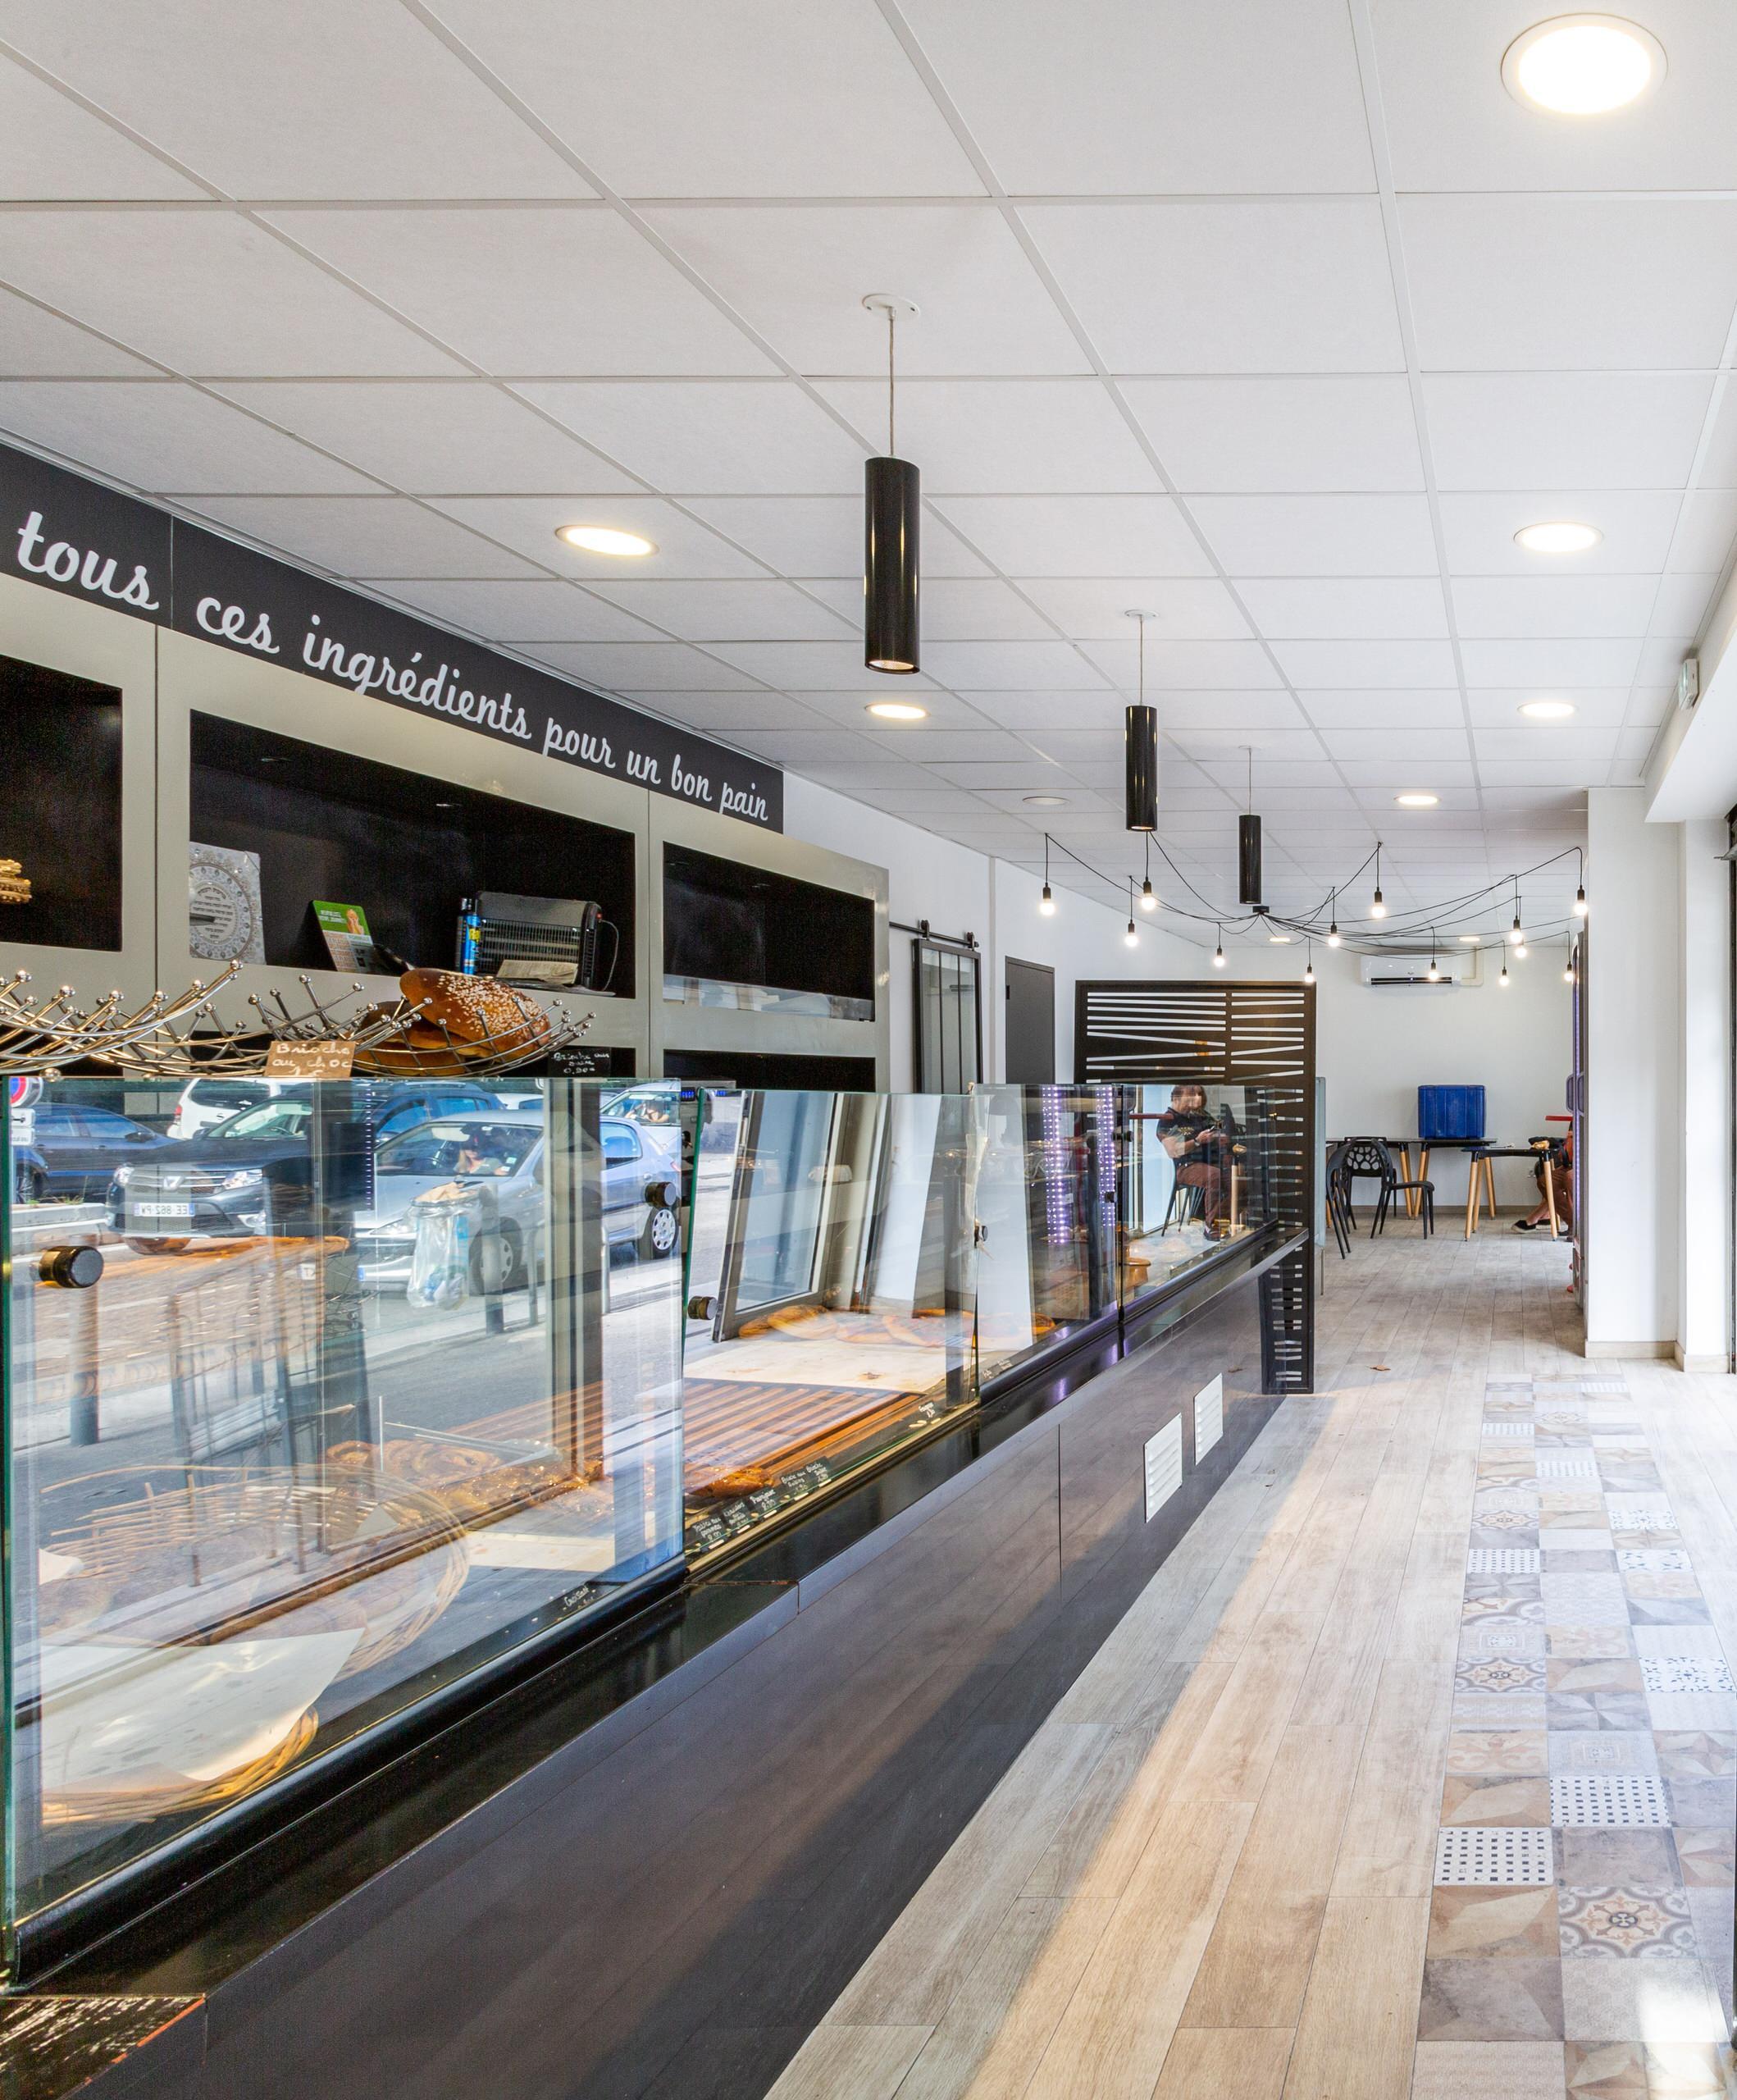 MARON'S - Rénovation et embellissement d'une boulangerie